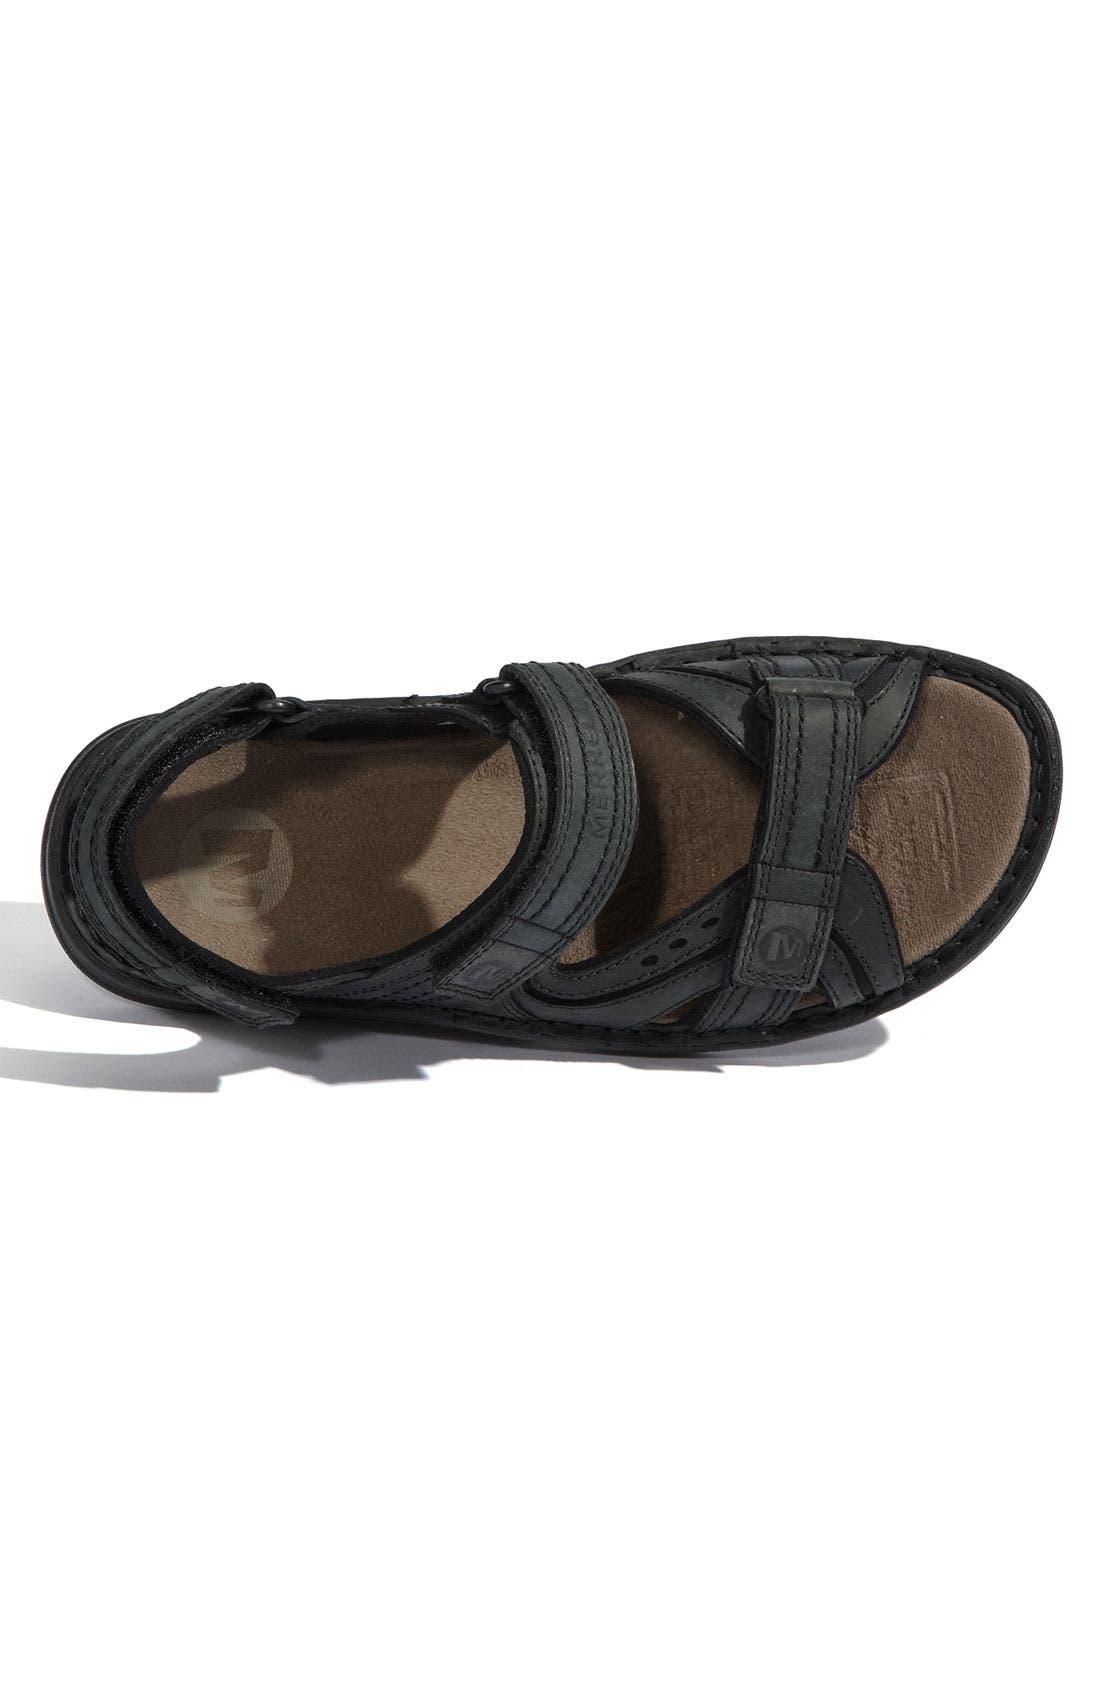 Alternate Image 3  - Merrell 'World Impulse' Sandal (Men)